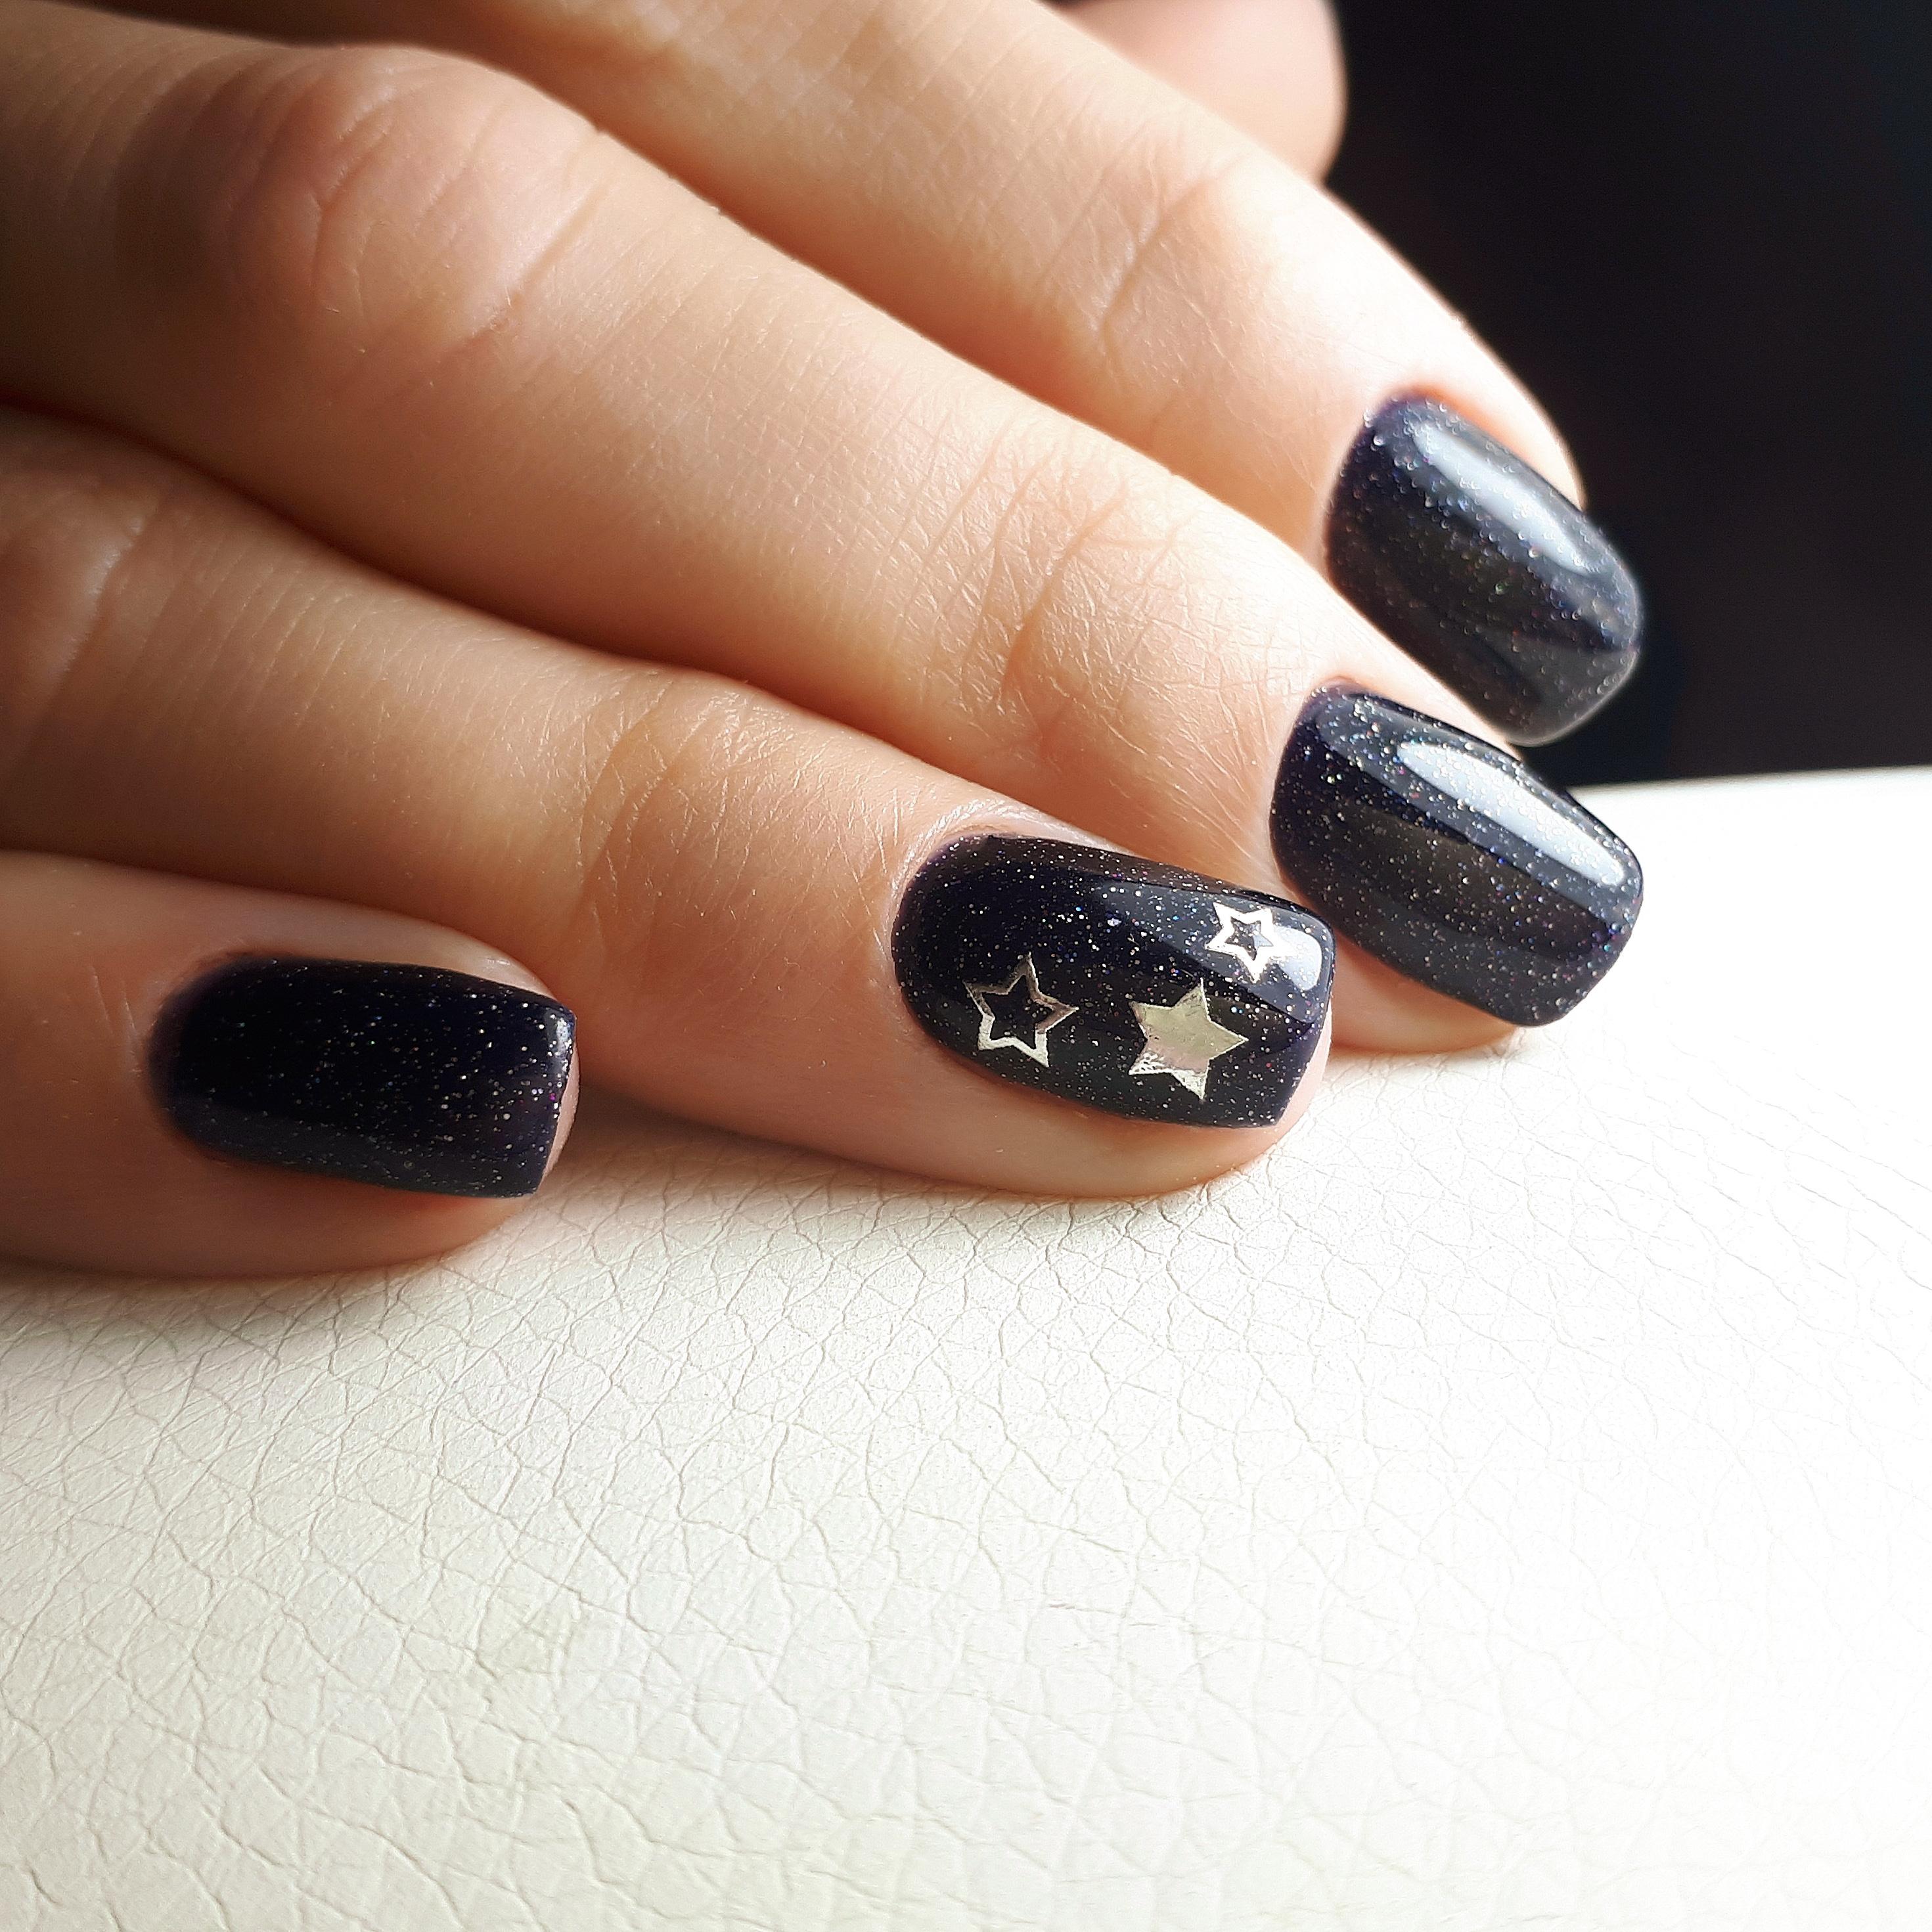 Маникюр со звездочками и блестками в черном цвете на короткие ногти.